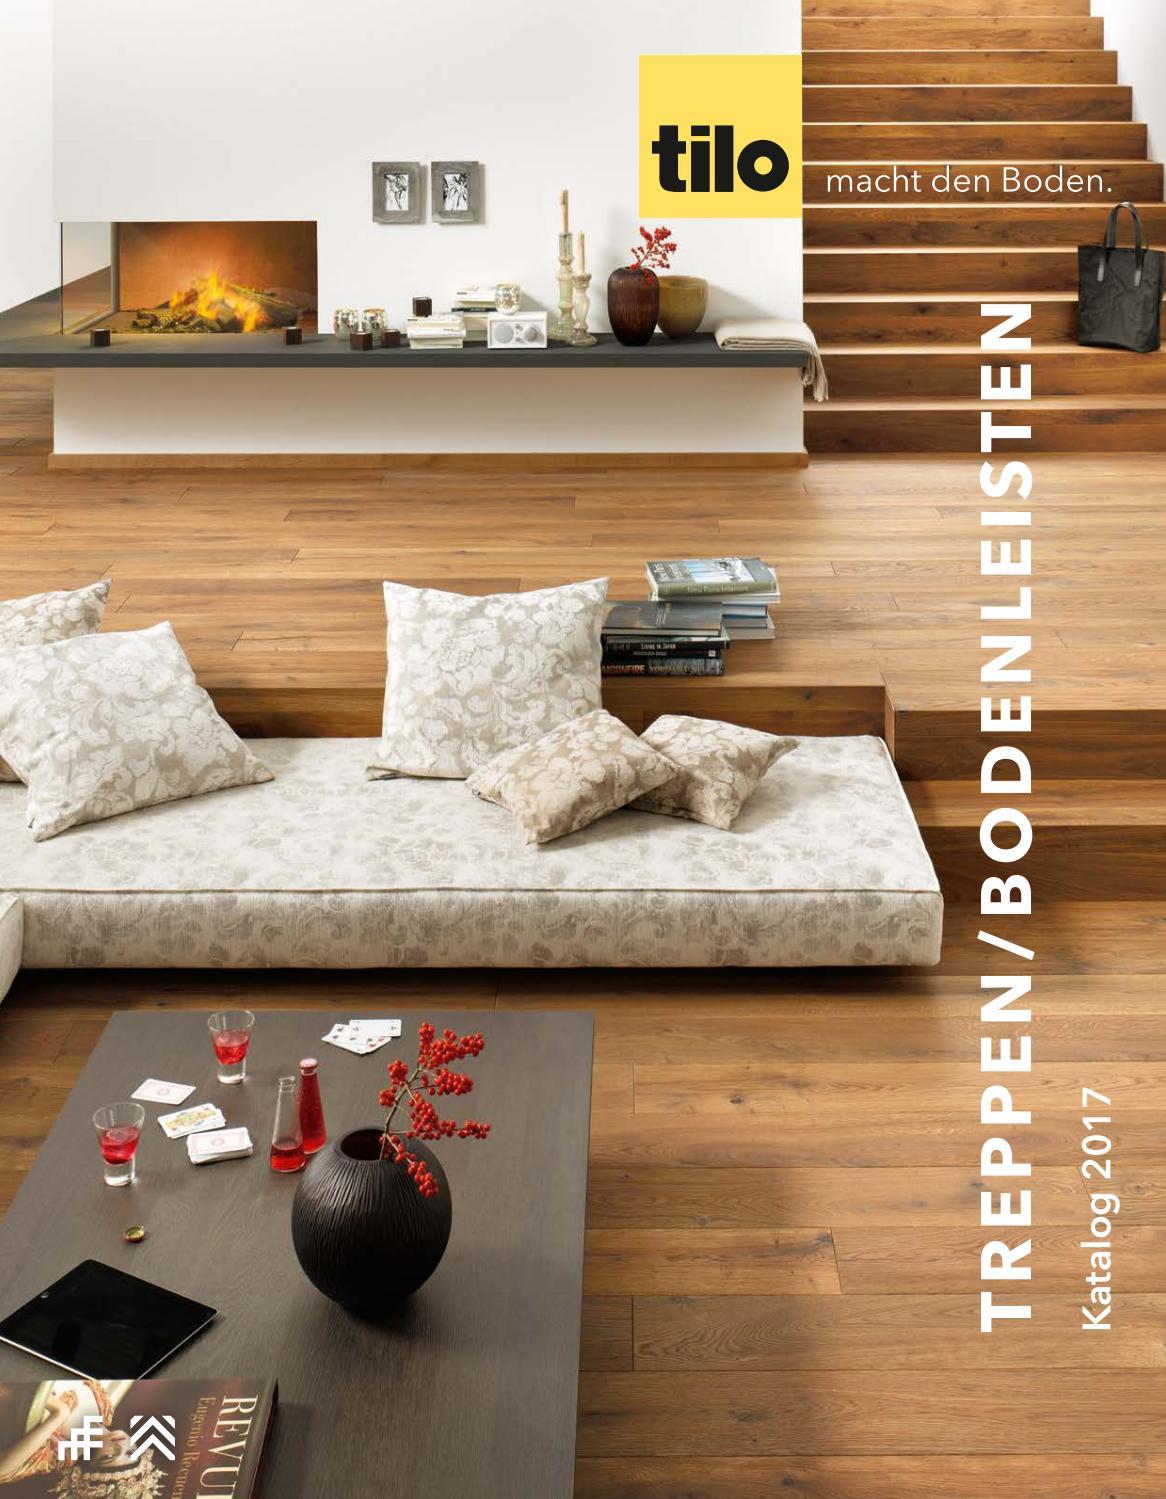 tilo treppen bodenleisten by kaiser design issuu. Black Bedroom Furniture Sets. Home Design Ideas